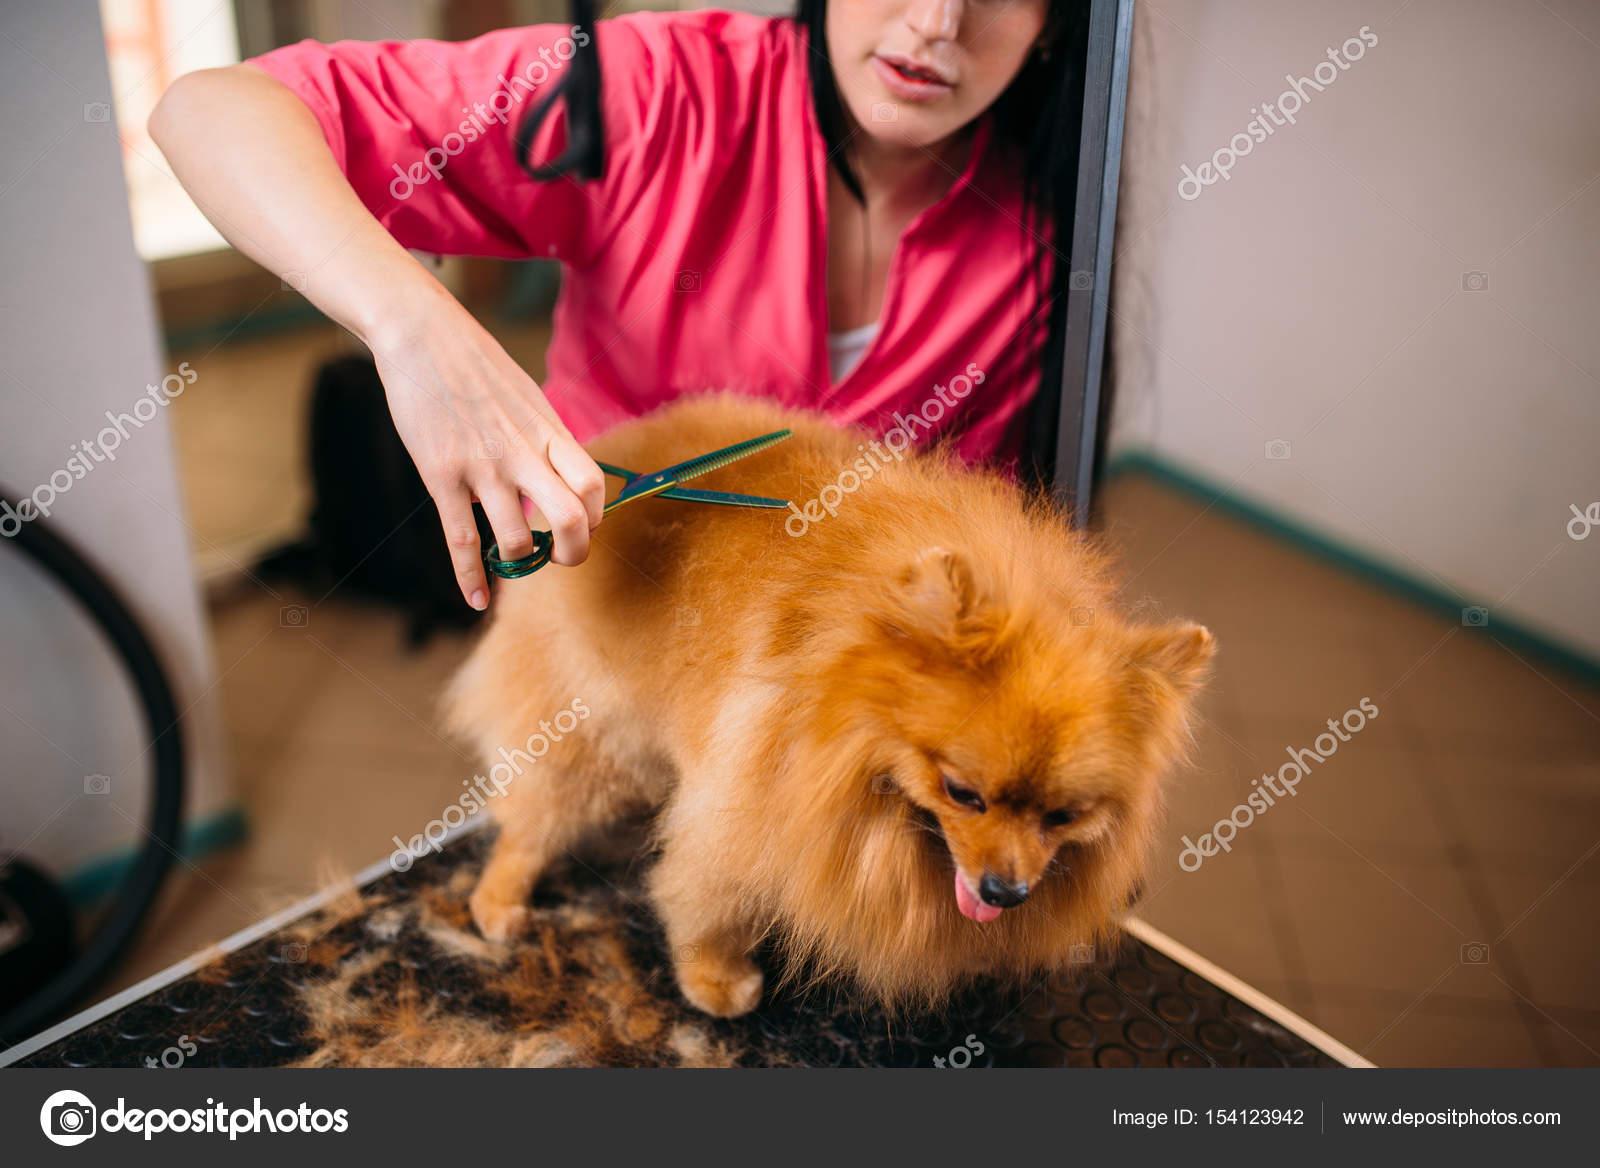 Groomer Strzyżenia Włosów Małego Psa Zdjęcie Stockowe Nomadsoul1